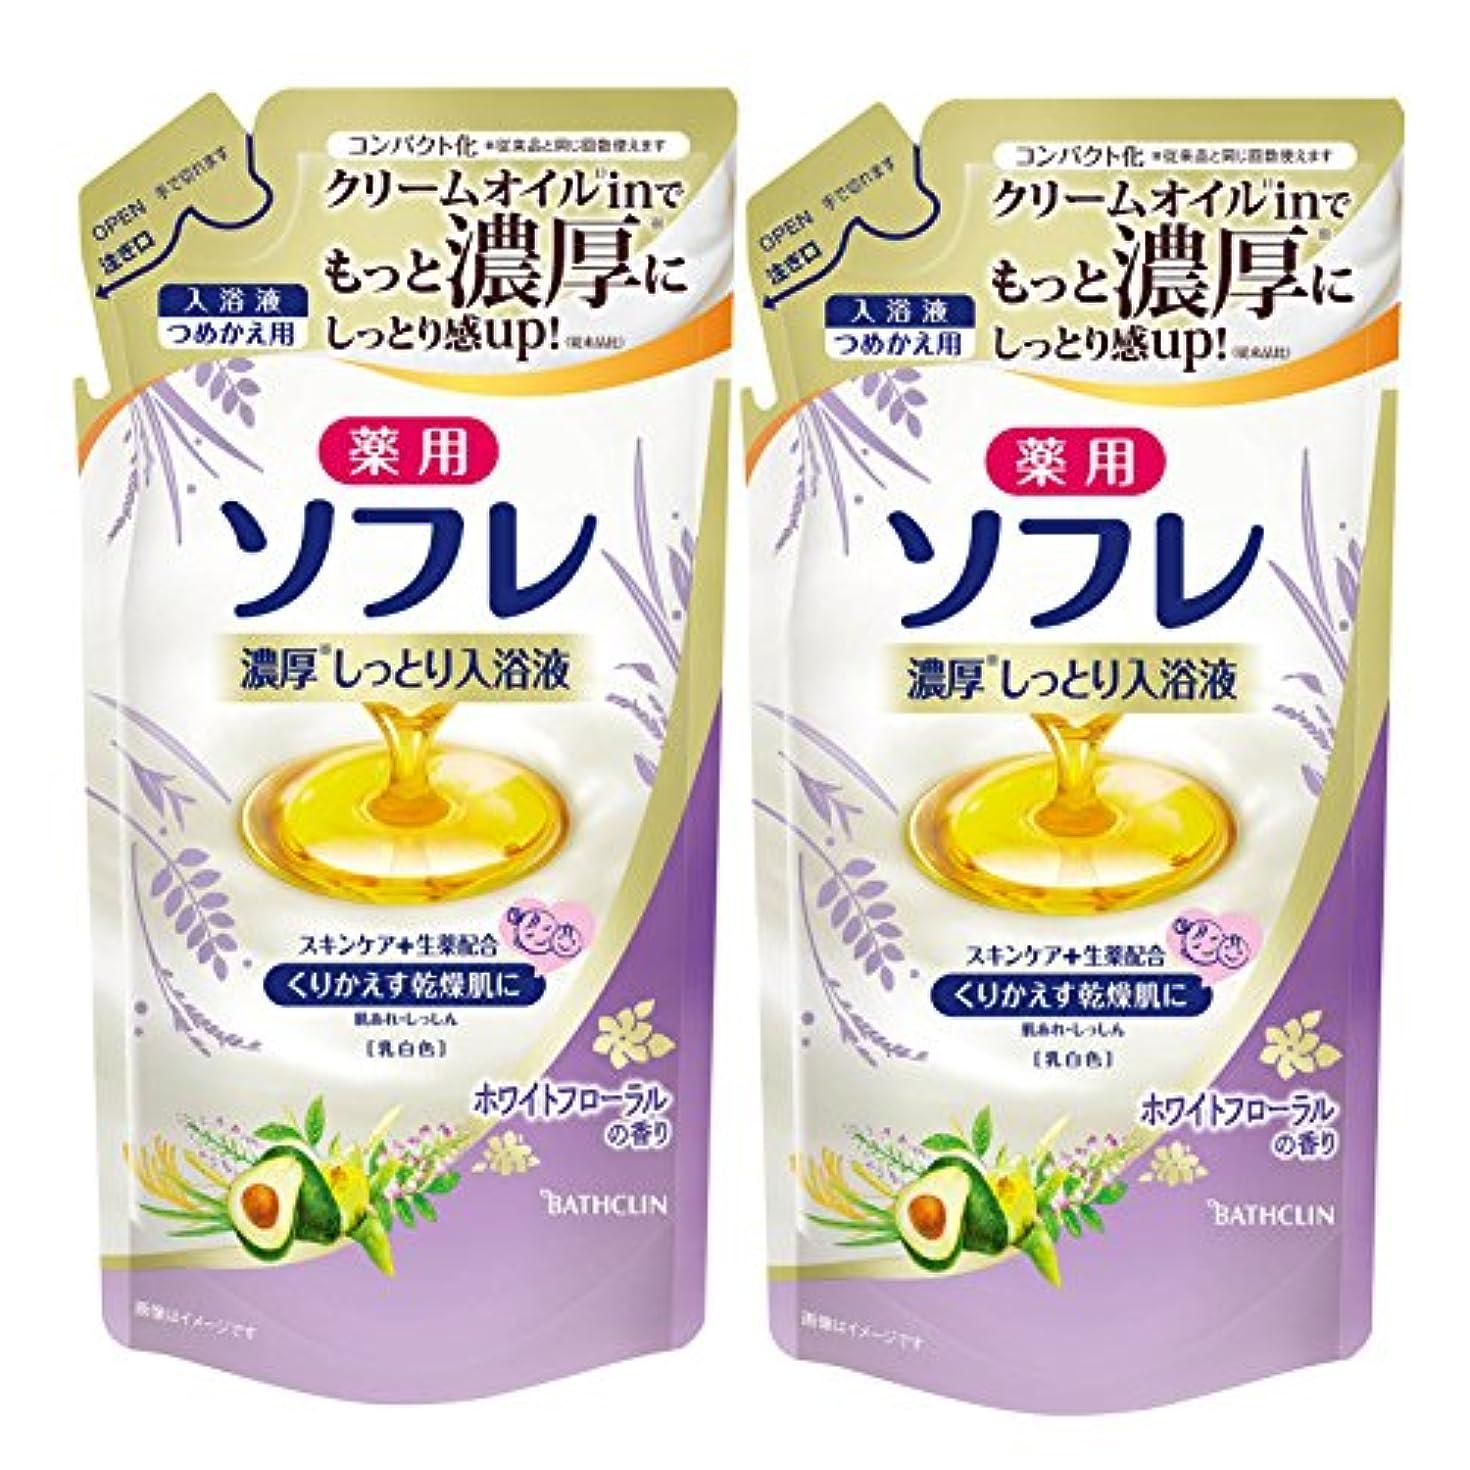 北画像提唱する【セット品】薬用ソフレ 濃厚しっとり入浴液 ホワイトフローラルの香り つめかえ用 400mL (医薬部外品) 2個セット